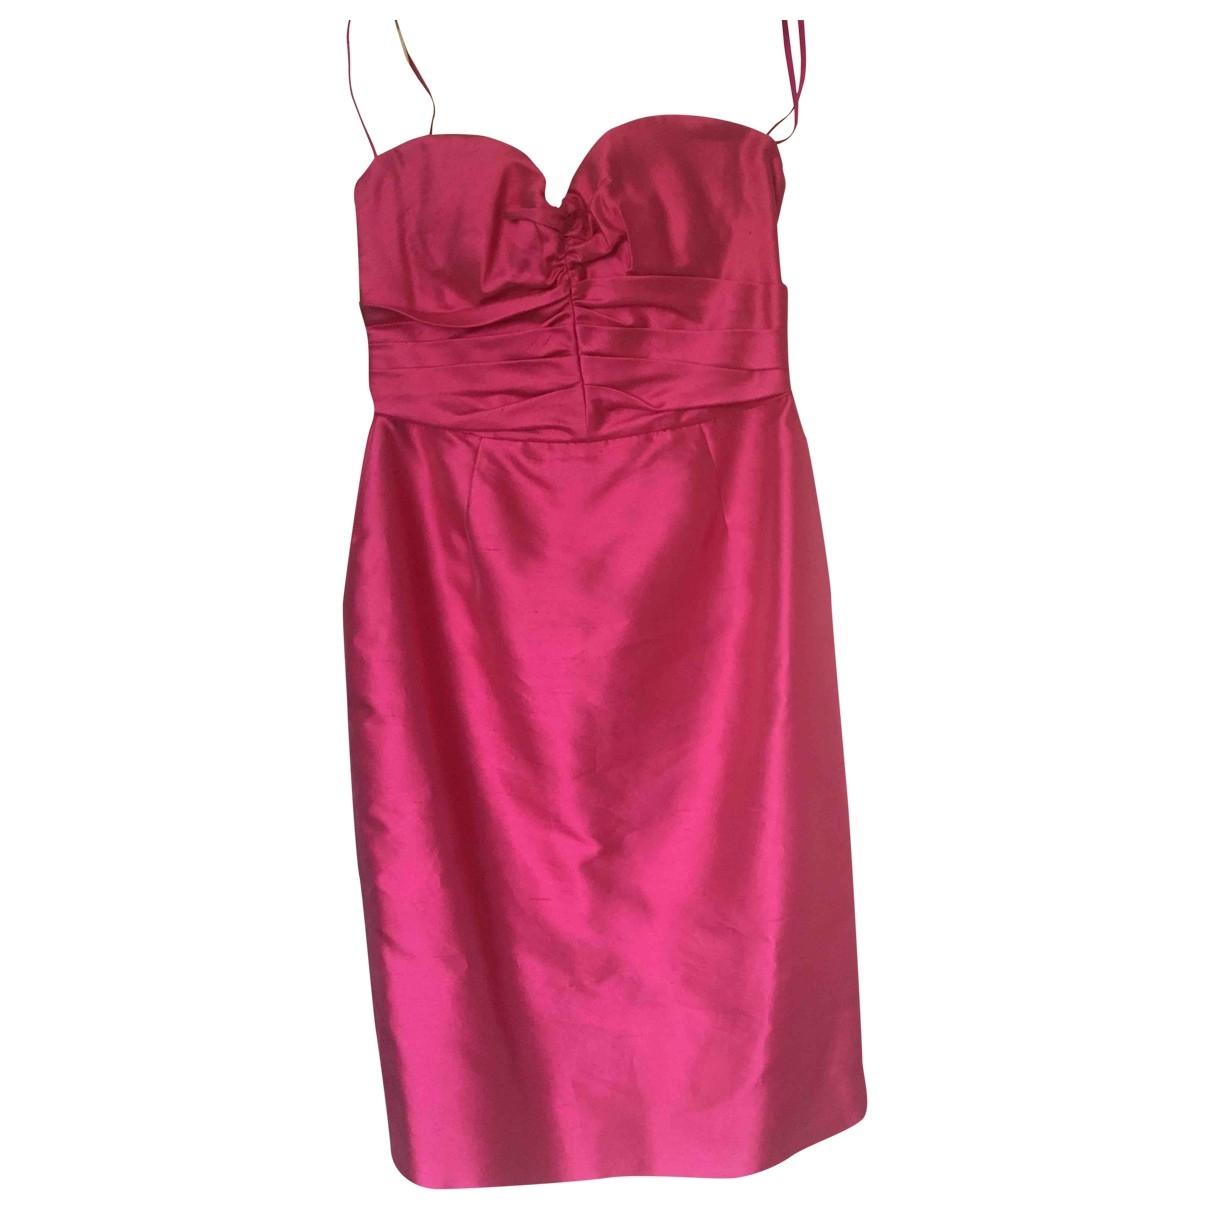 D&g - Robe   pour femme en soie - rose